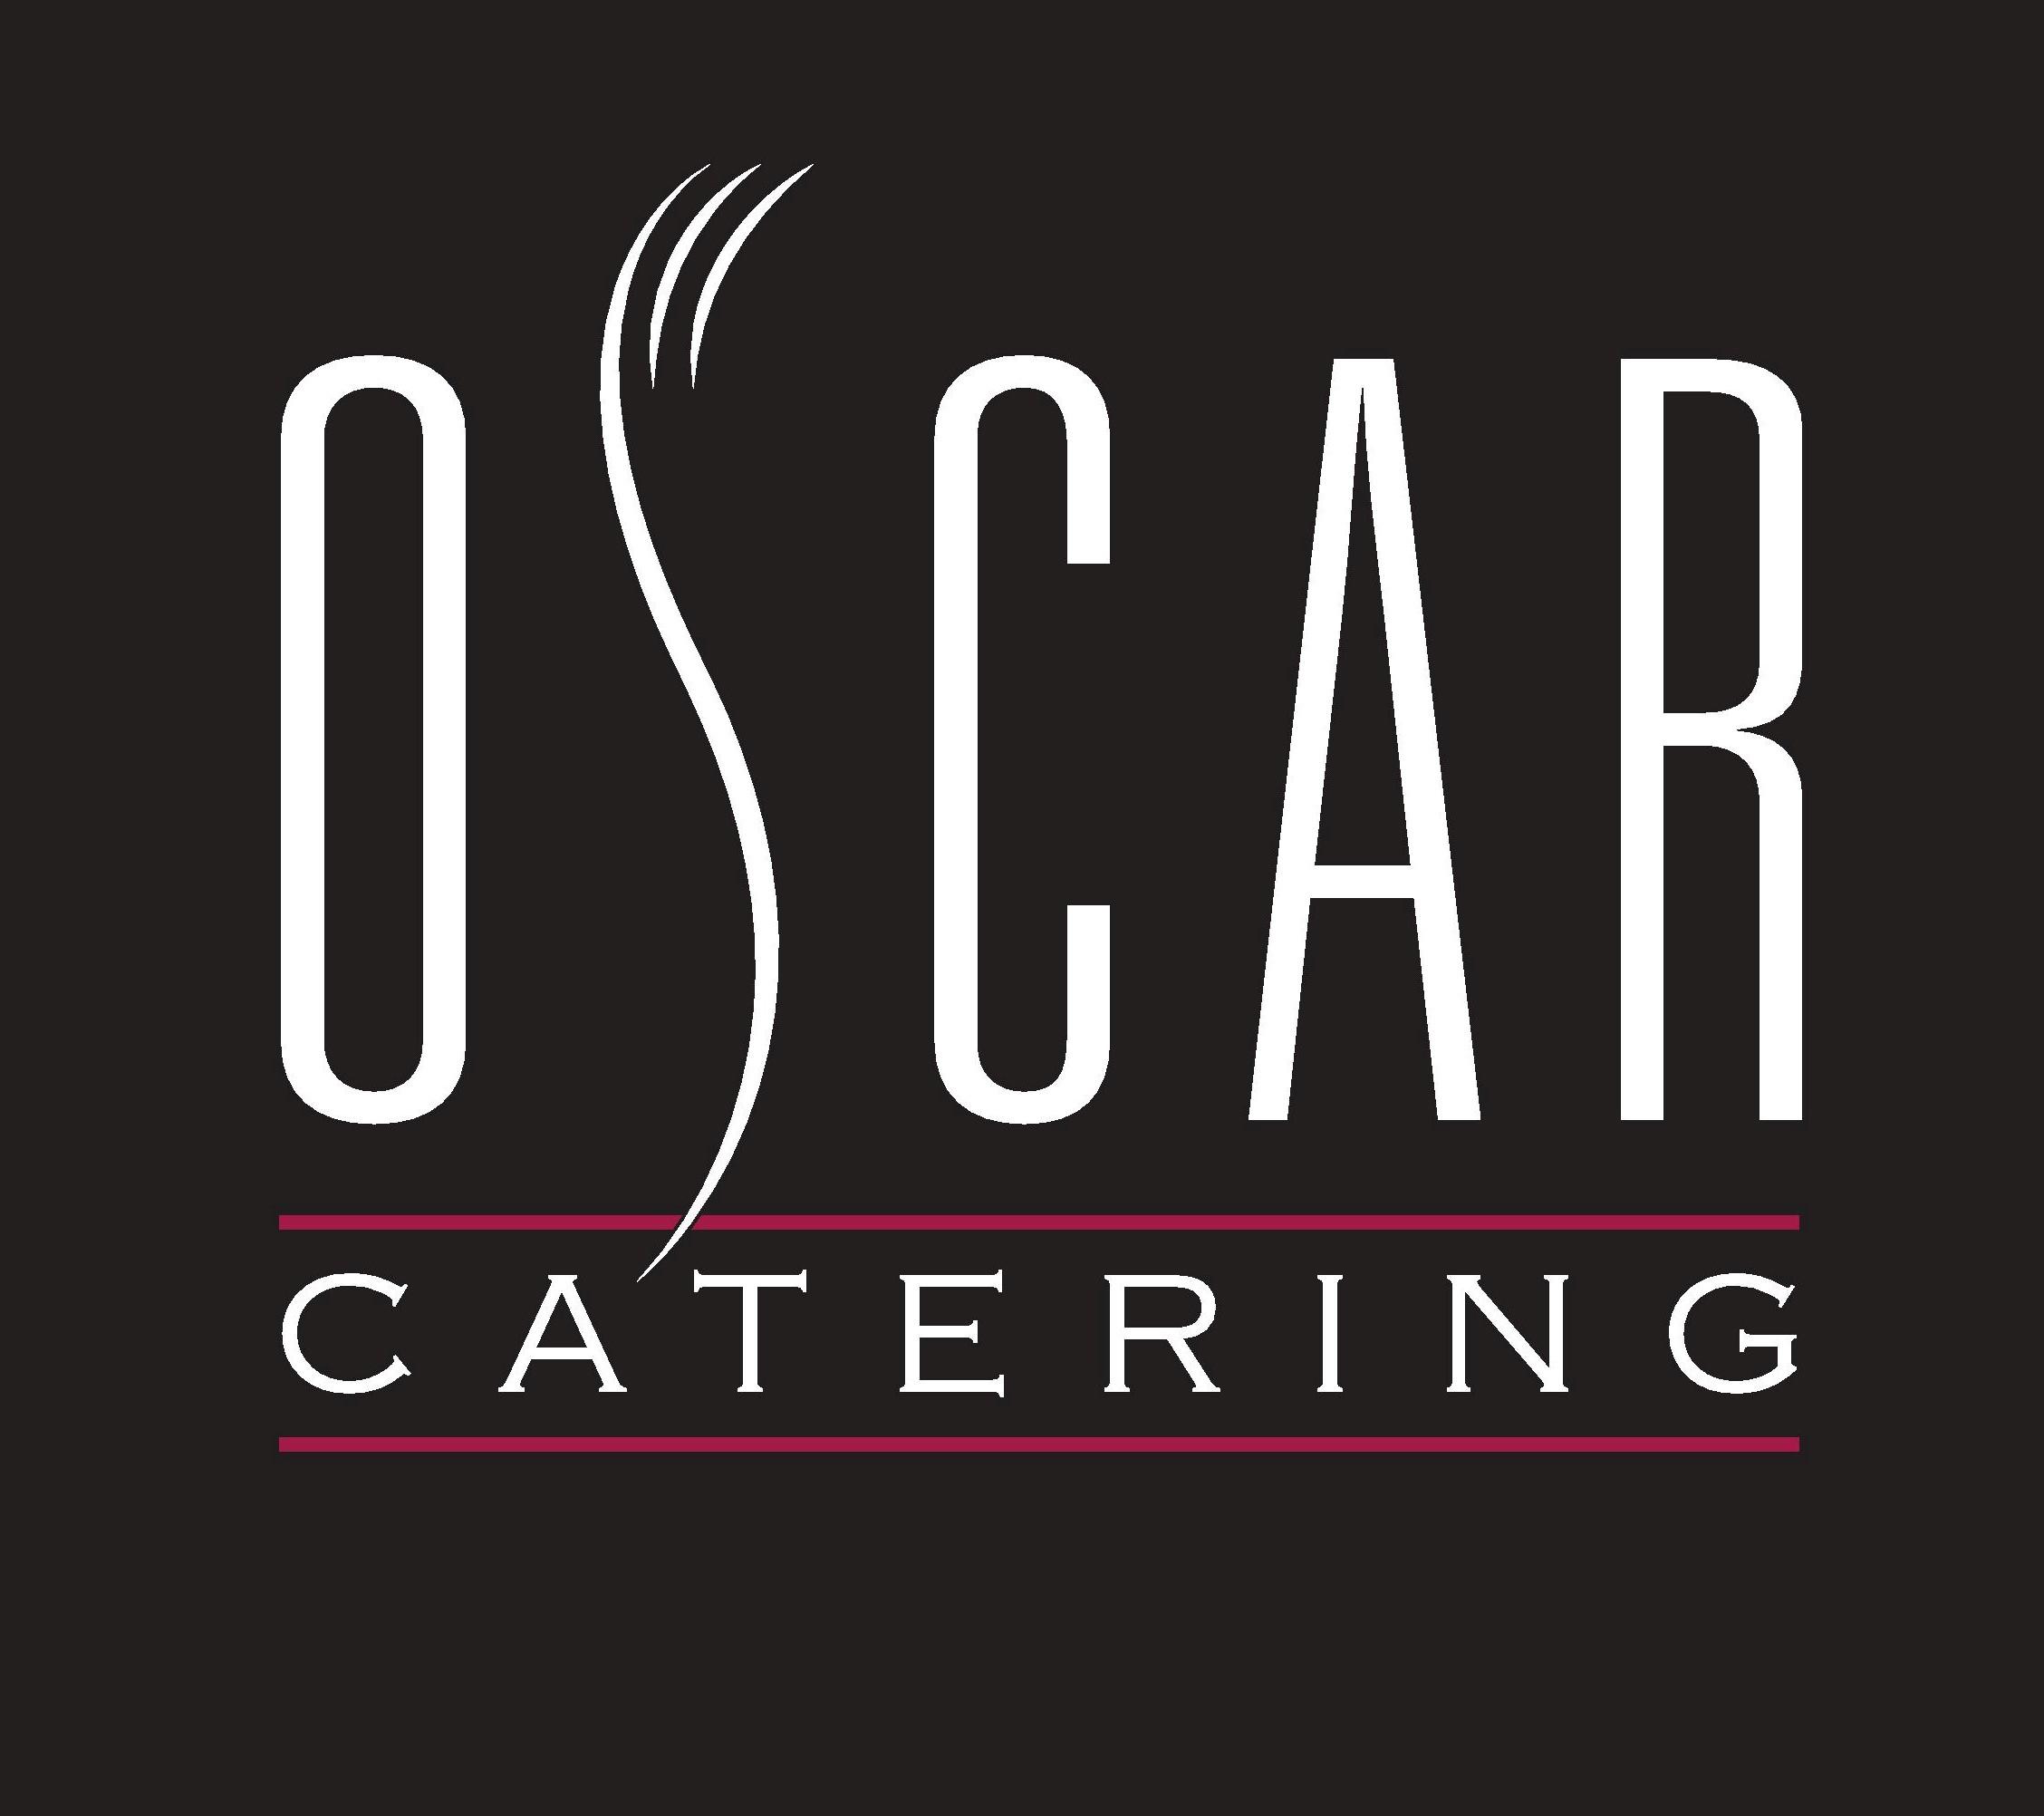 OscarCateringLogoDark-page-001